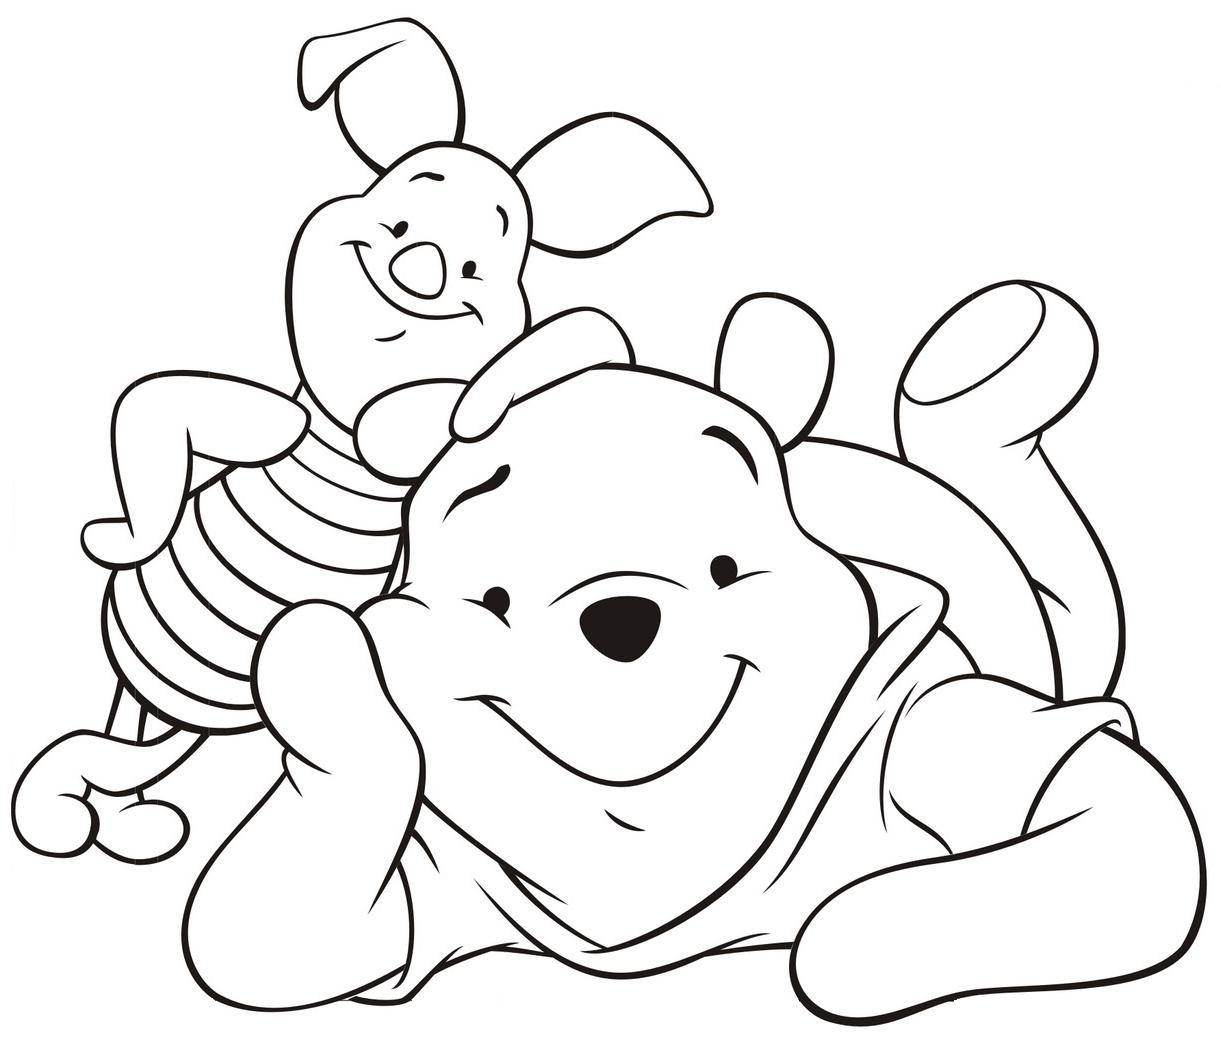 Desenhos Do Ursinho Pooh Para Colorir ~ Imagens Para Colorir